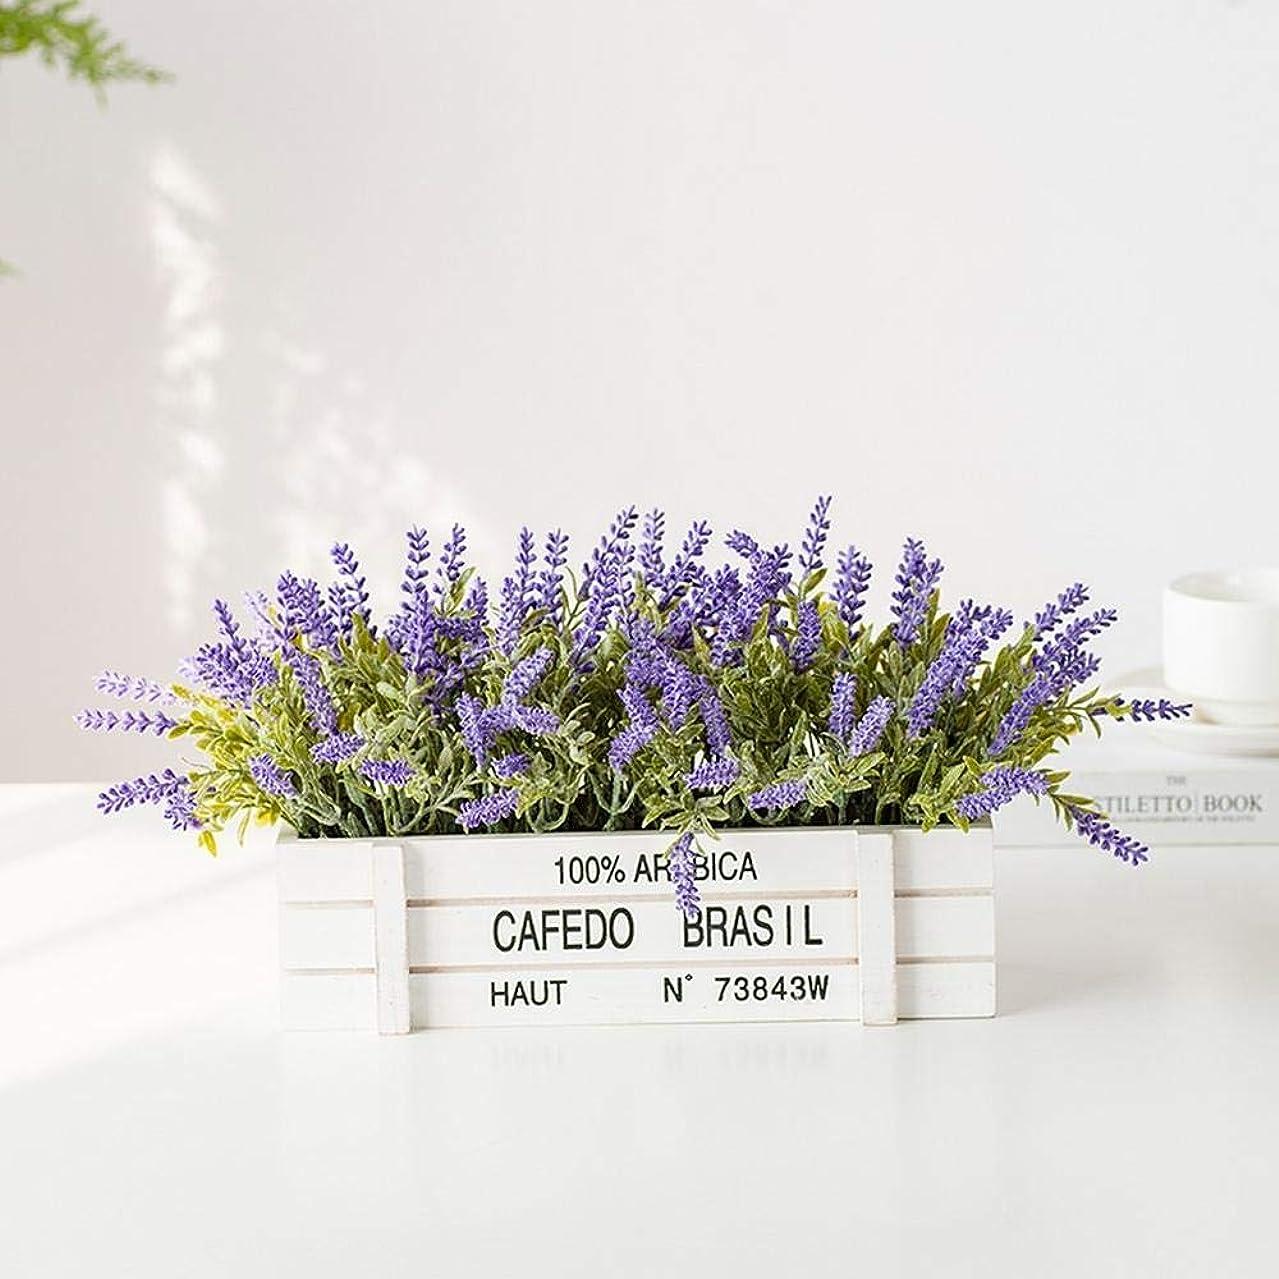 指マッシュバレエ造花 リビングルーム寝室パーティーダイニングテーブル窓敷居結婚式の装飾木製フラワーポットホリデーギフトミニ鉢植えラベンダー